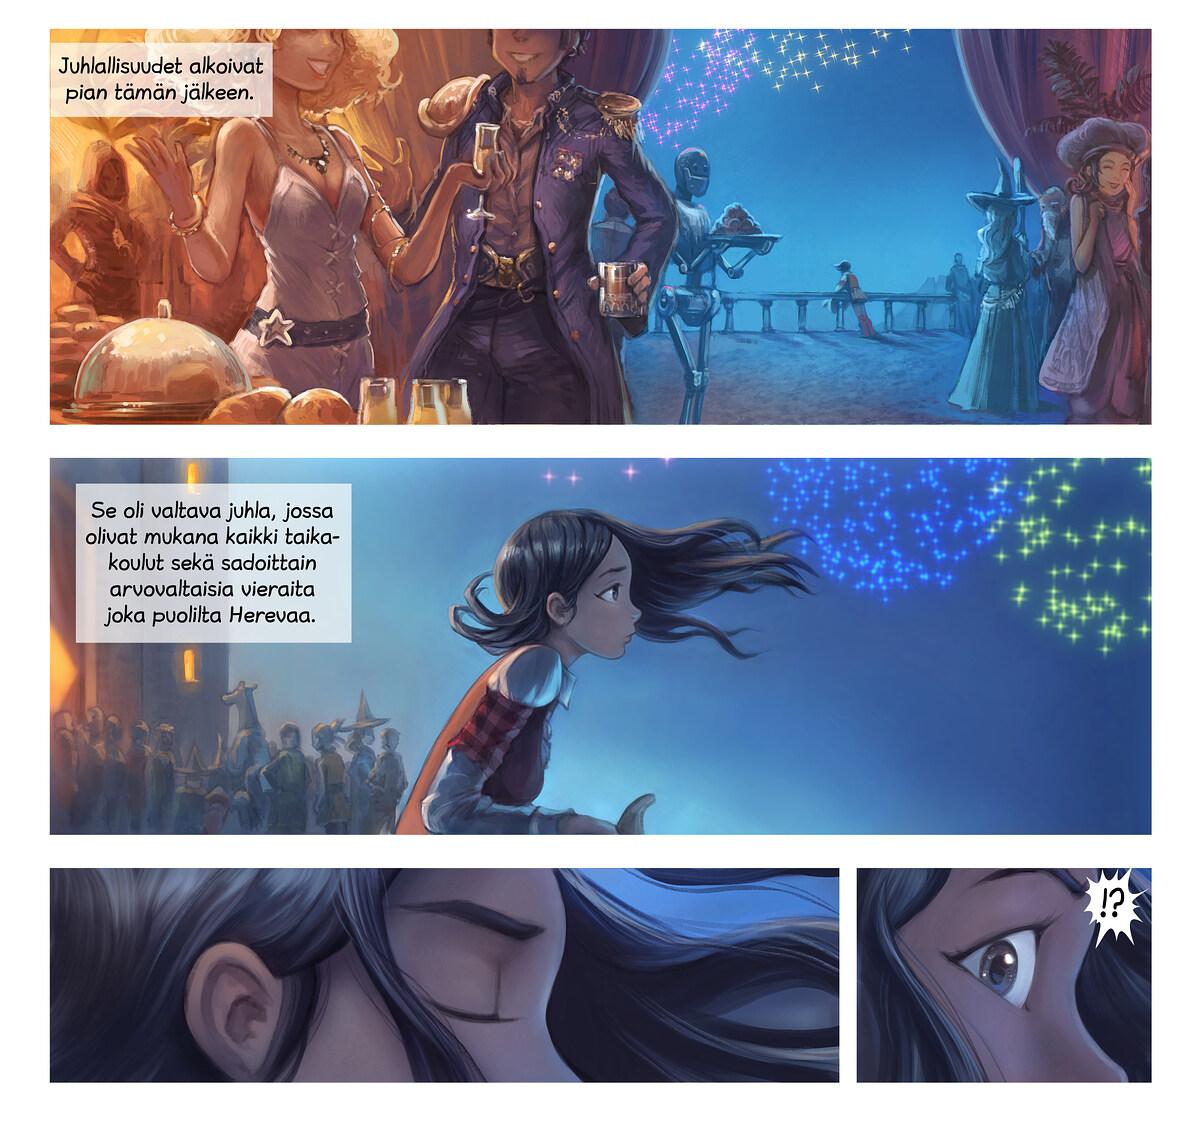 Episodi 28: Juhlallisuudet, Page 3